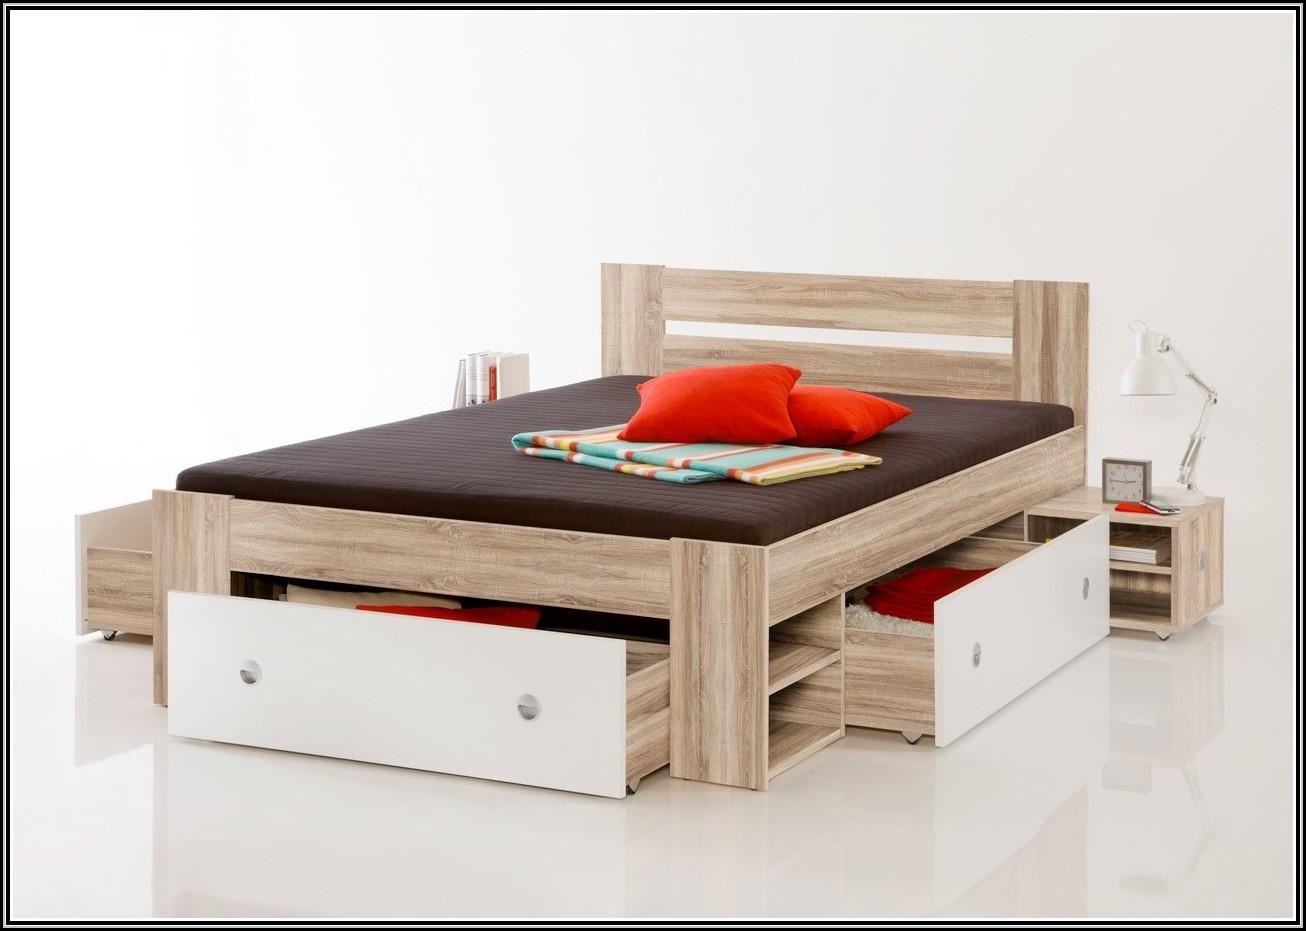 Ikea Betten 140 Cm Breit - betten : House und Dekor